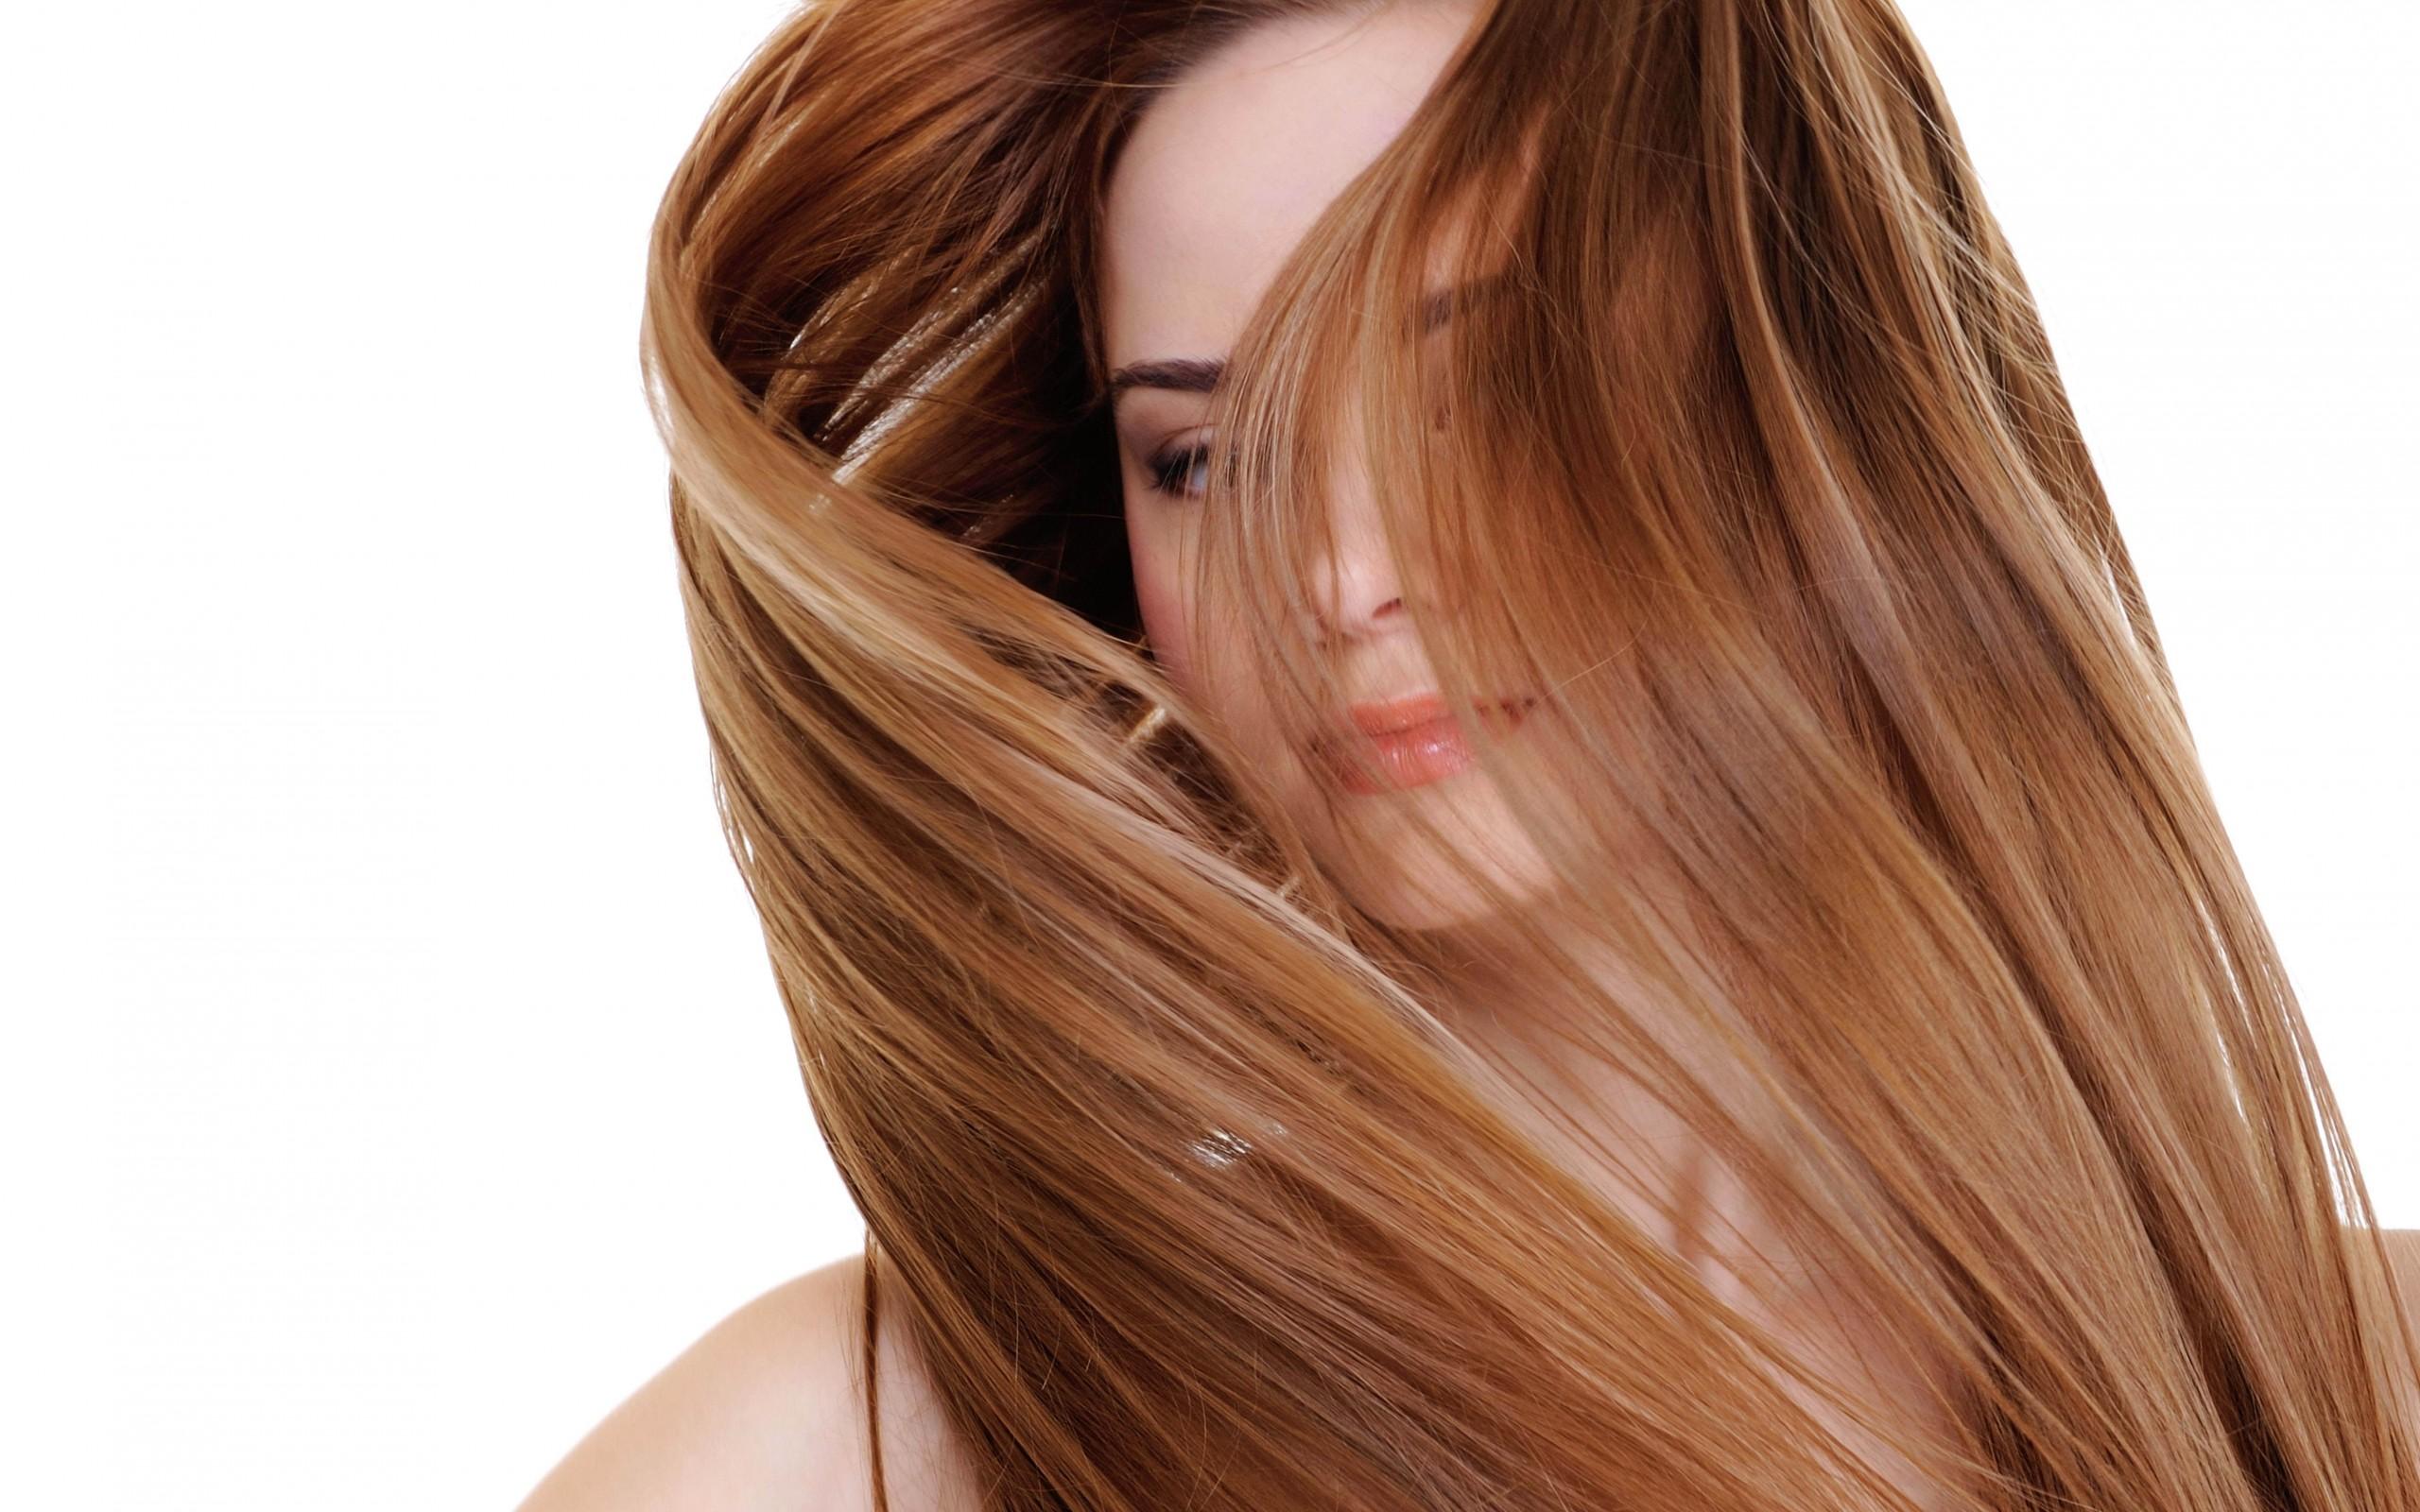 Шампунь своими руками для жирных волос фото 60